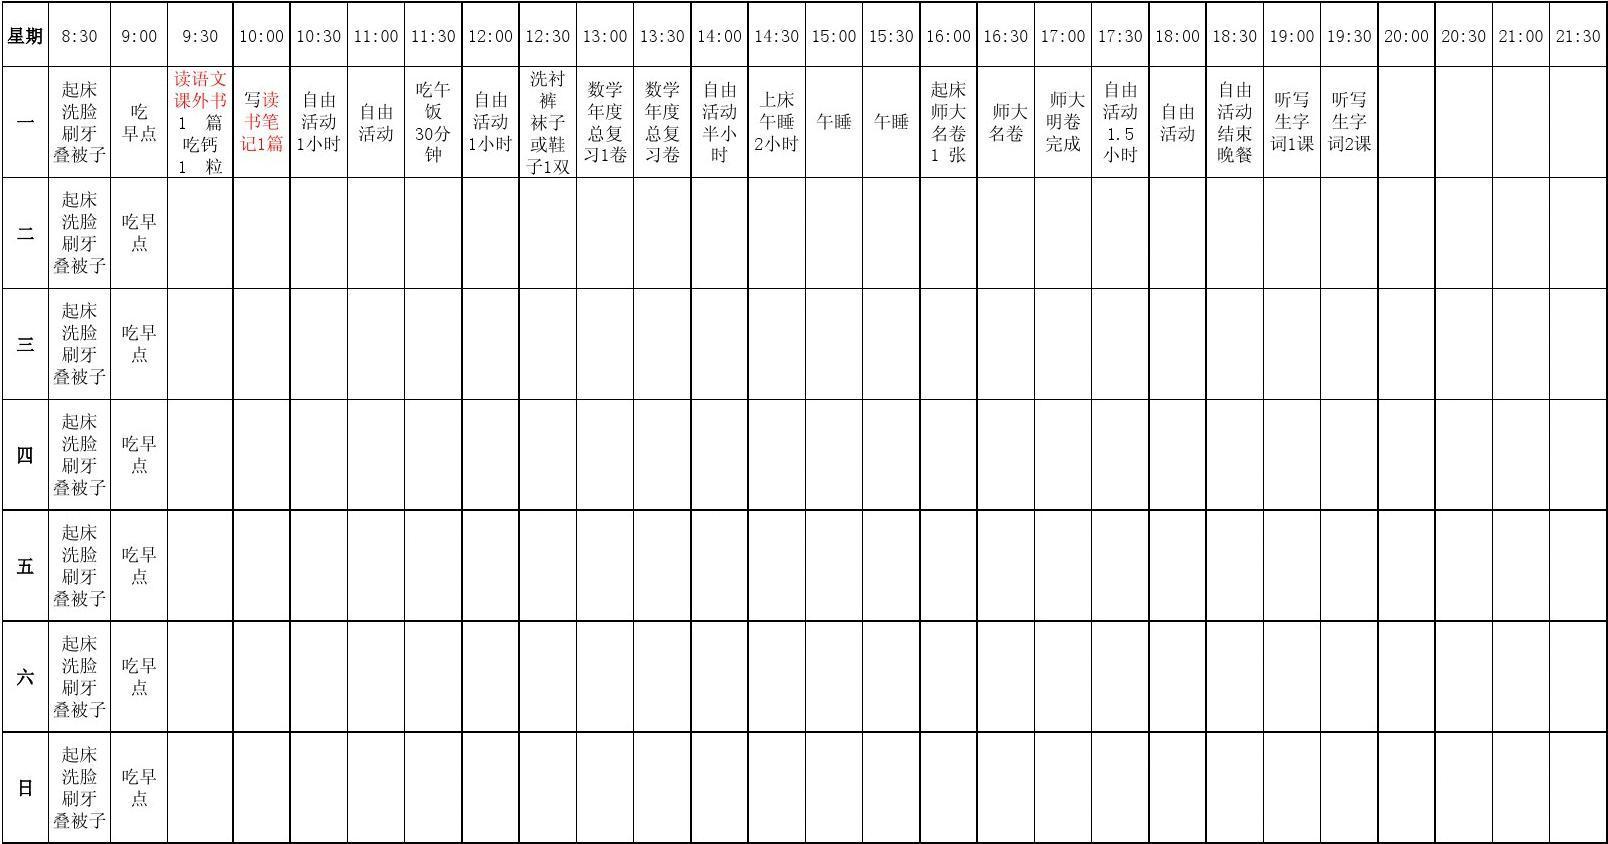 陈姝帆暑假每日作息时间表 (2)